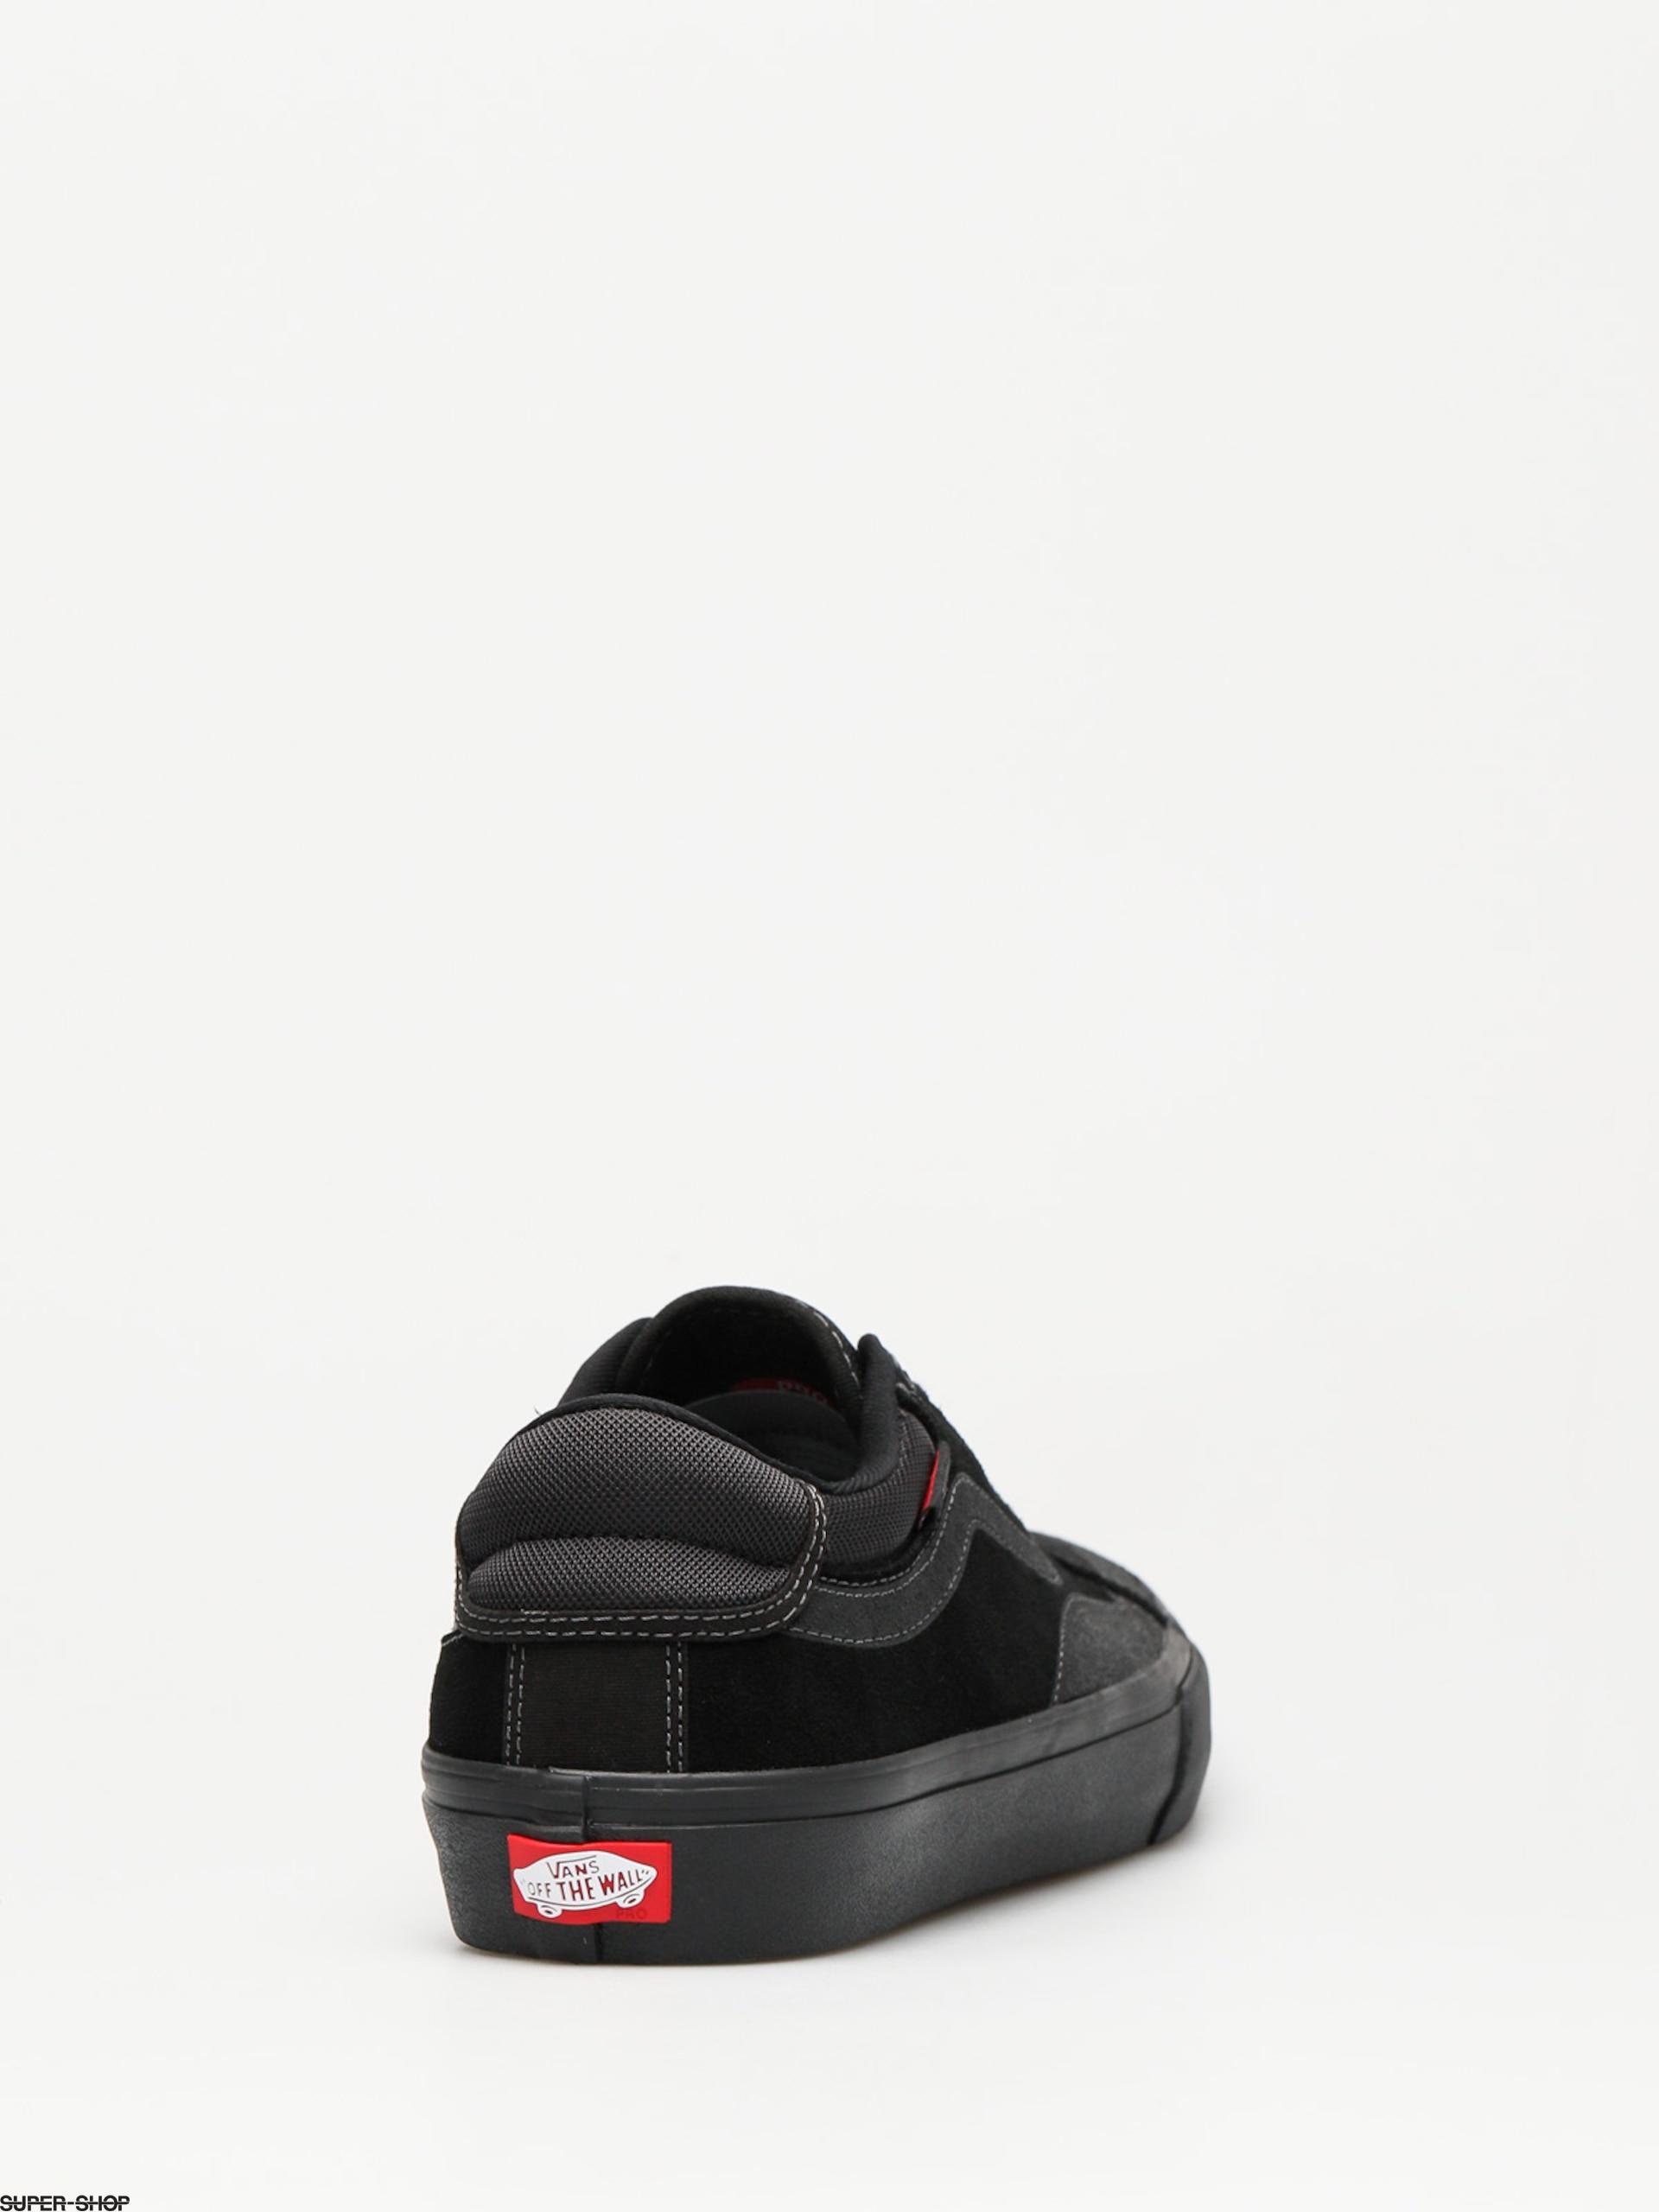 d50ce1b3aced3b Vans Shoes Tnt Advanced Prototype (blackout)